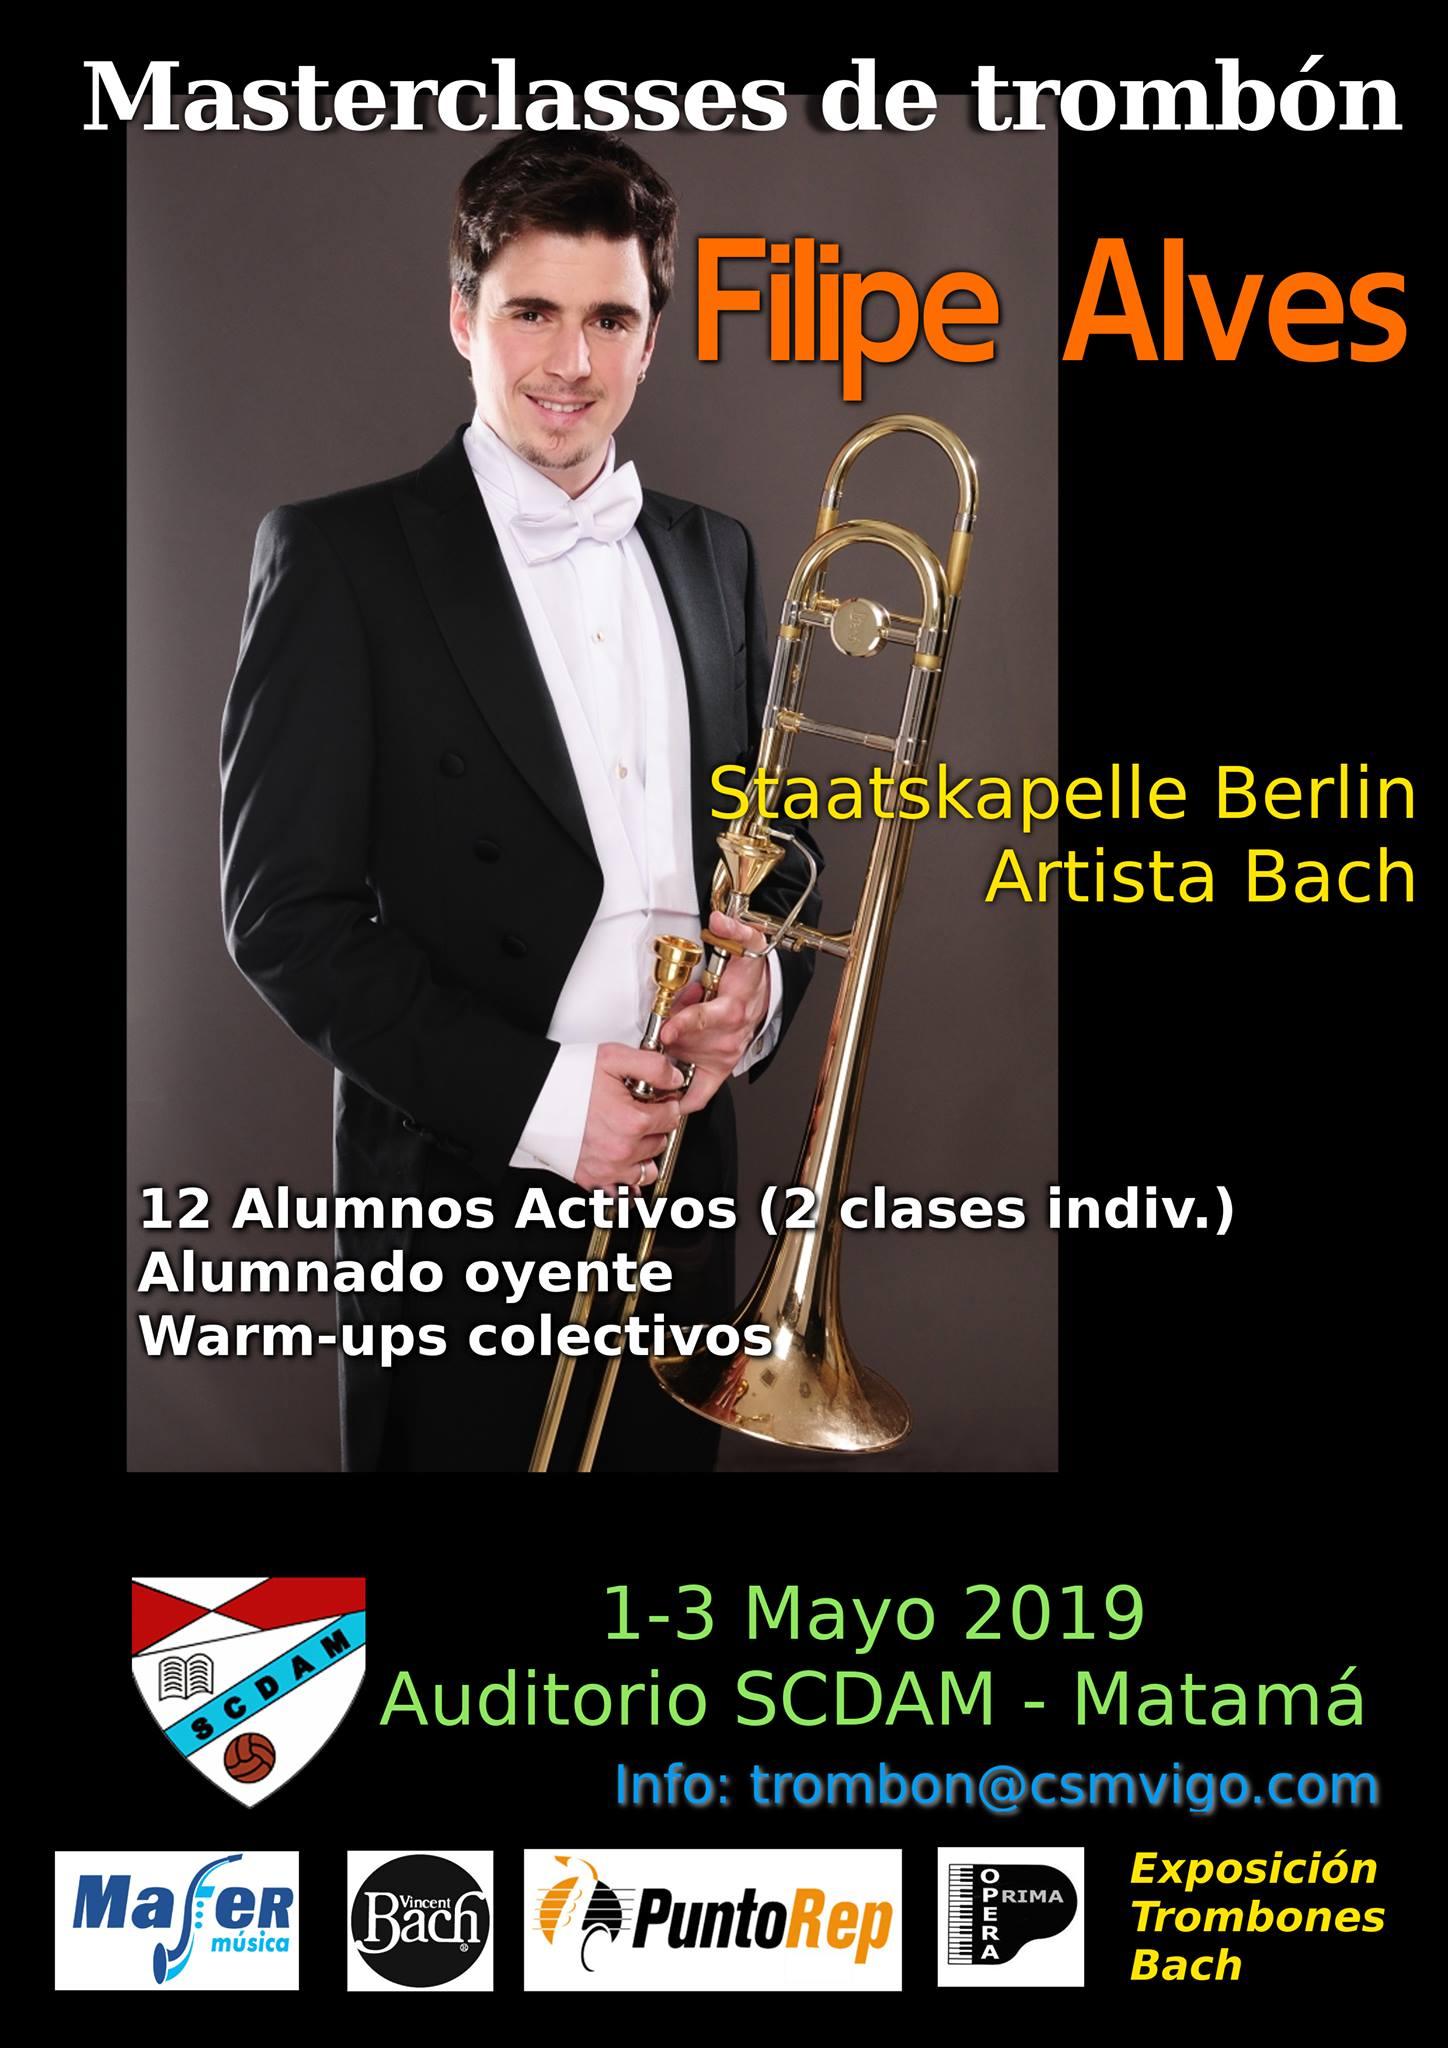 Masterclass De Trombón Con Filipe Alves